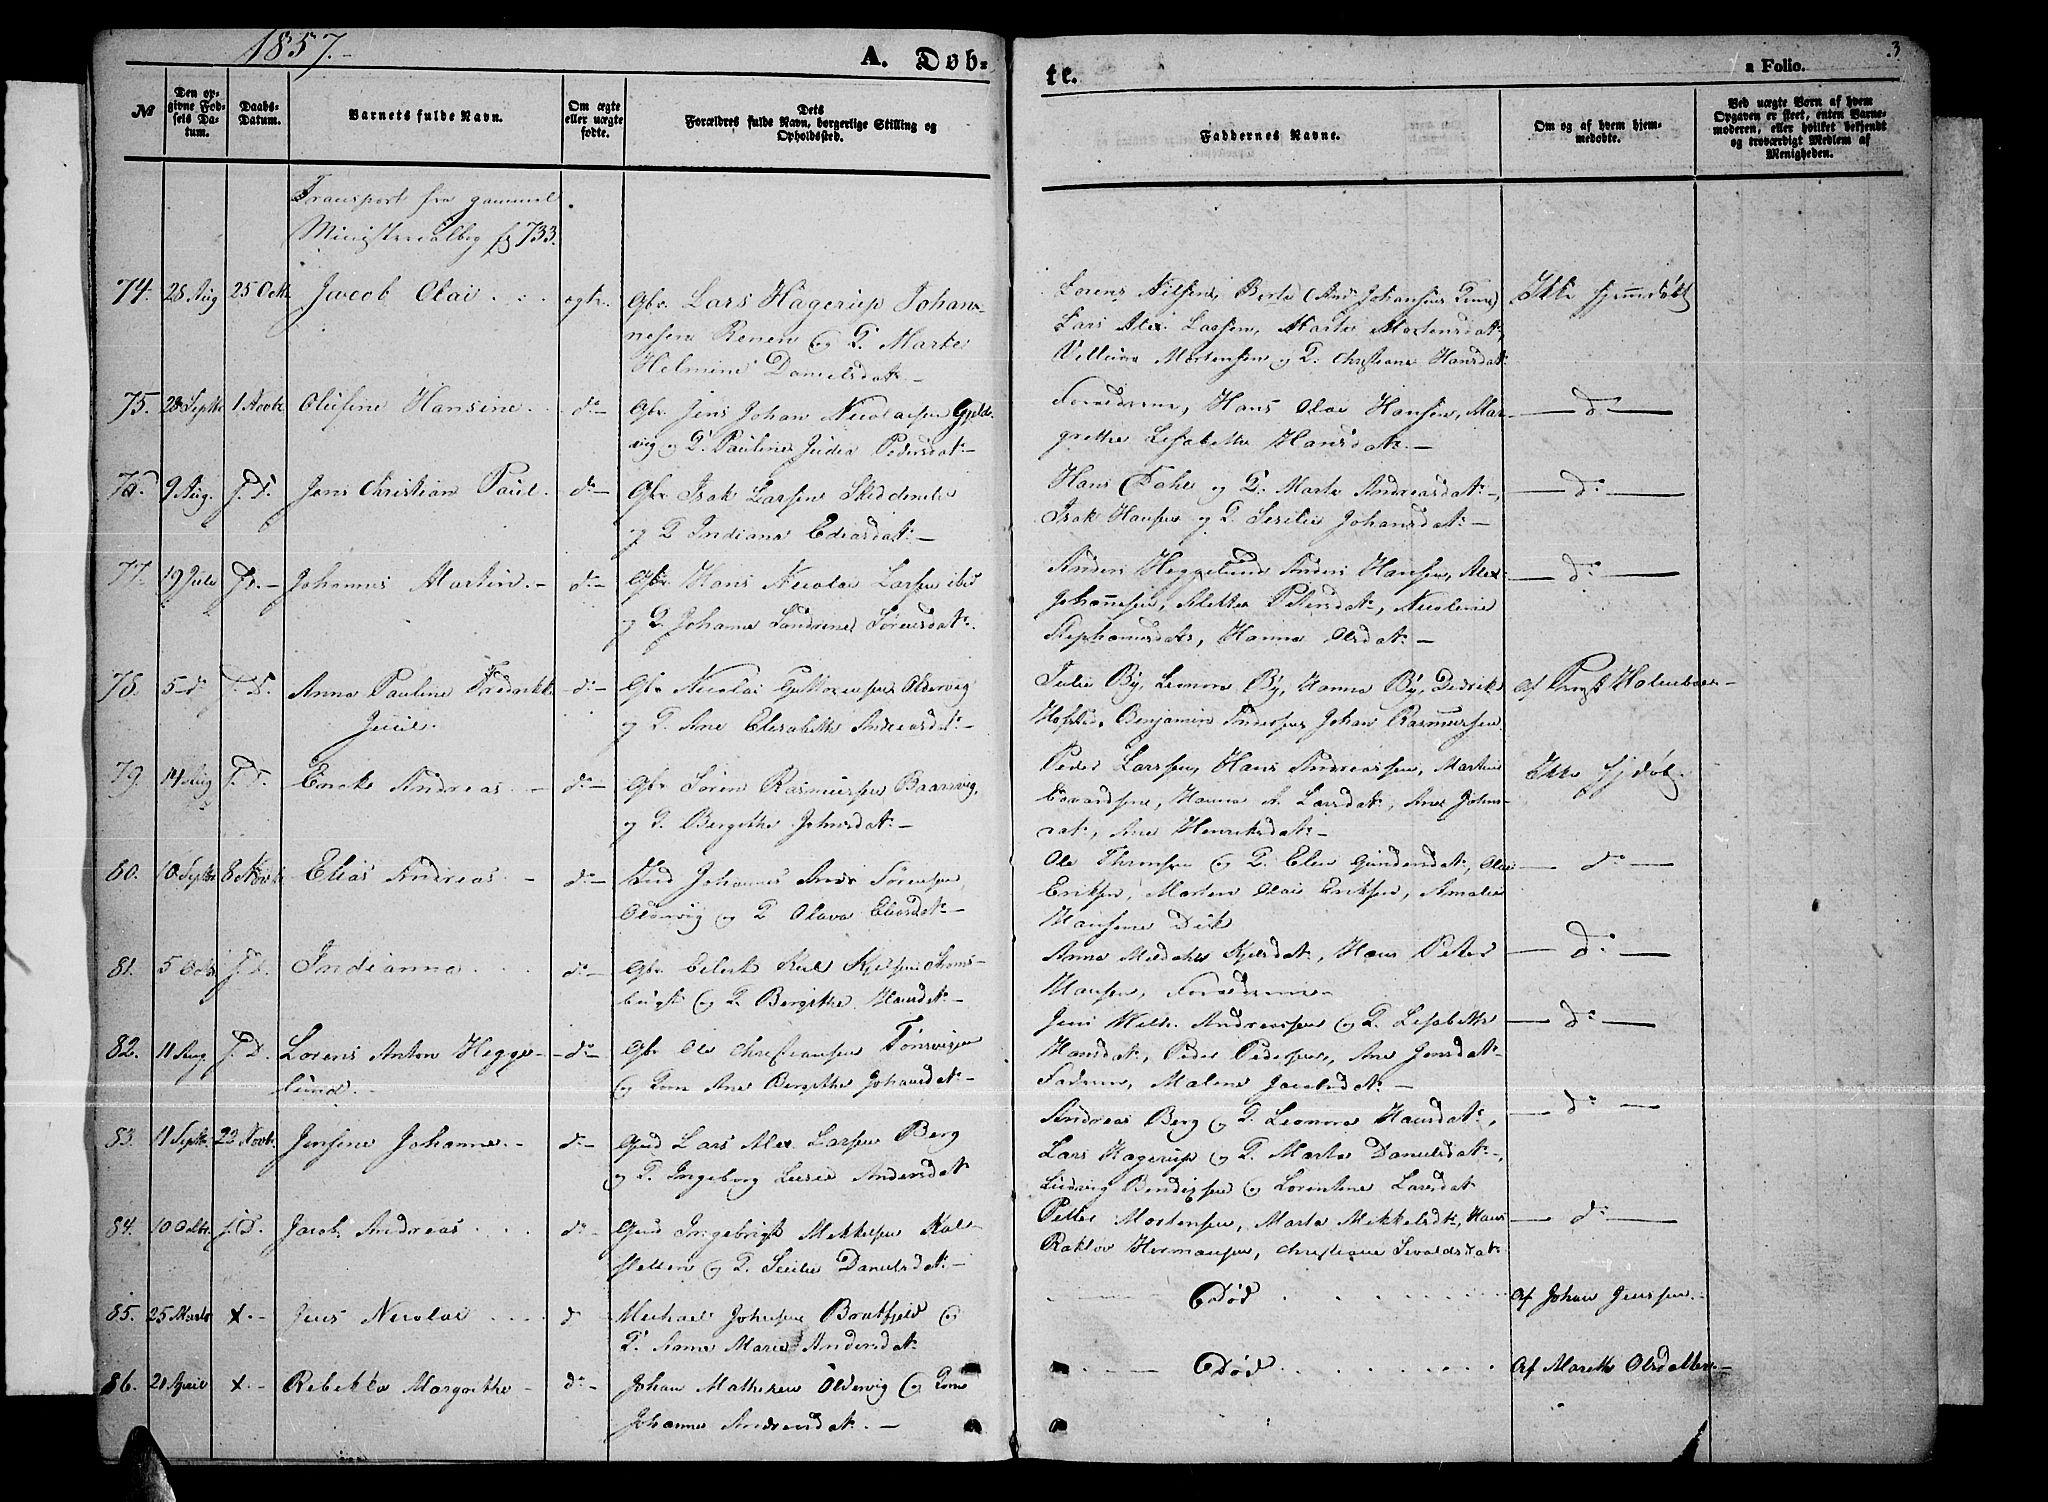 SATØ, Tromsøysund sokneprestkontor, G/Gb/L0001klokker: Klokkerbok nr. 1, 1857-1869, s. 3